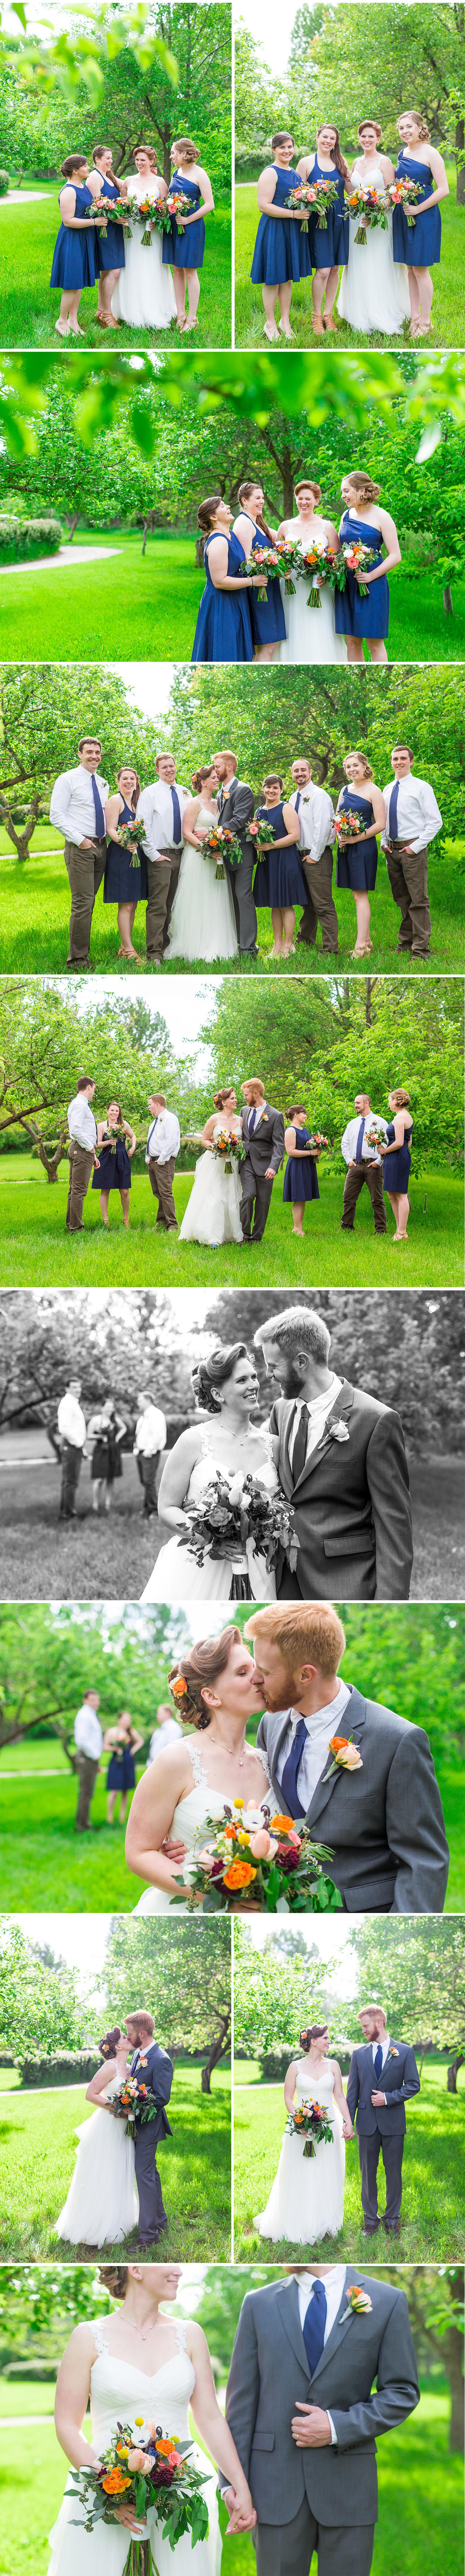 8 Lone Hawk Farm Bridal Party Photos.jpg